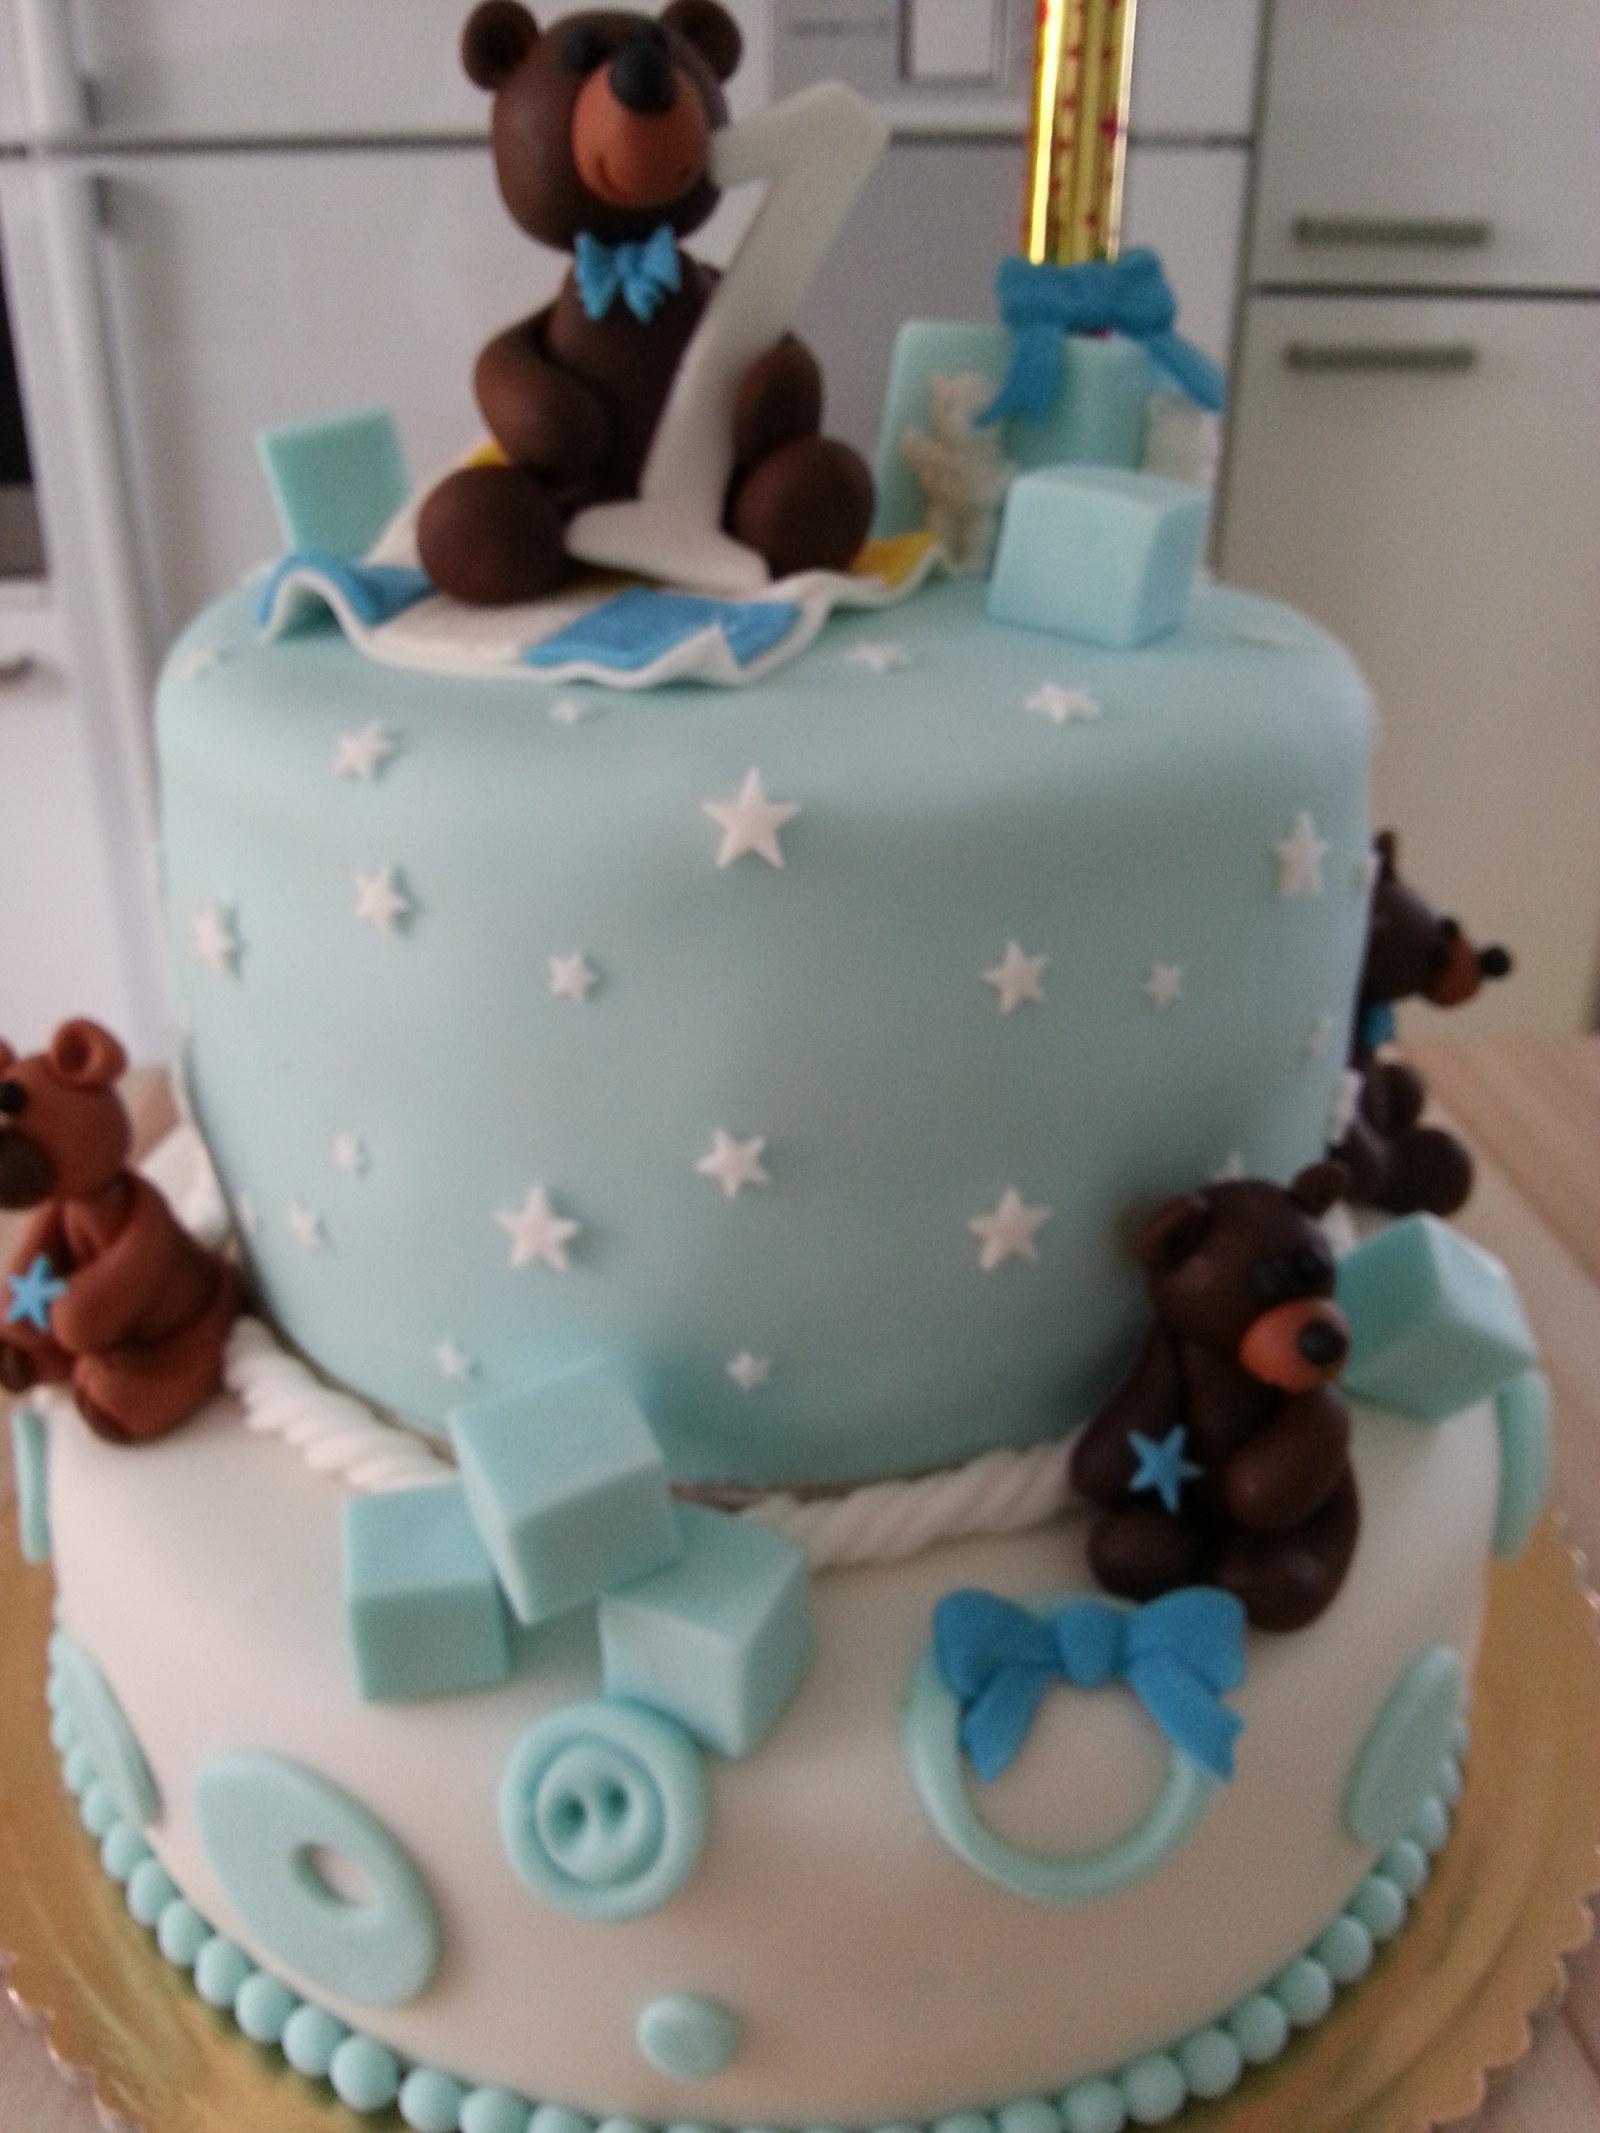 dort k 1 narozeninám Medvídkový dort k 1. narozeninám. / Zboží prodejce žirafa186  dort k 1 narozeninám